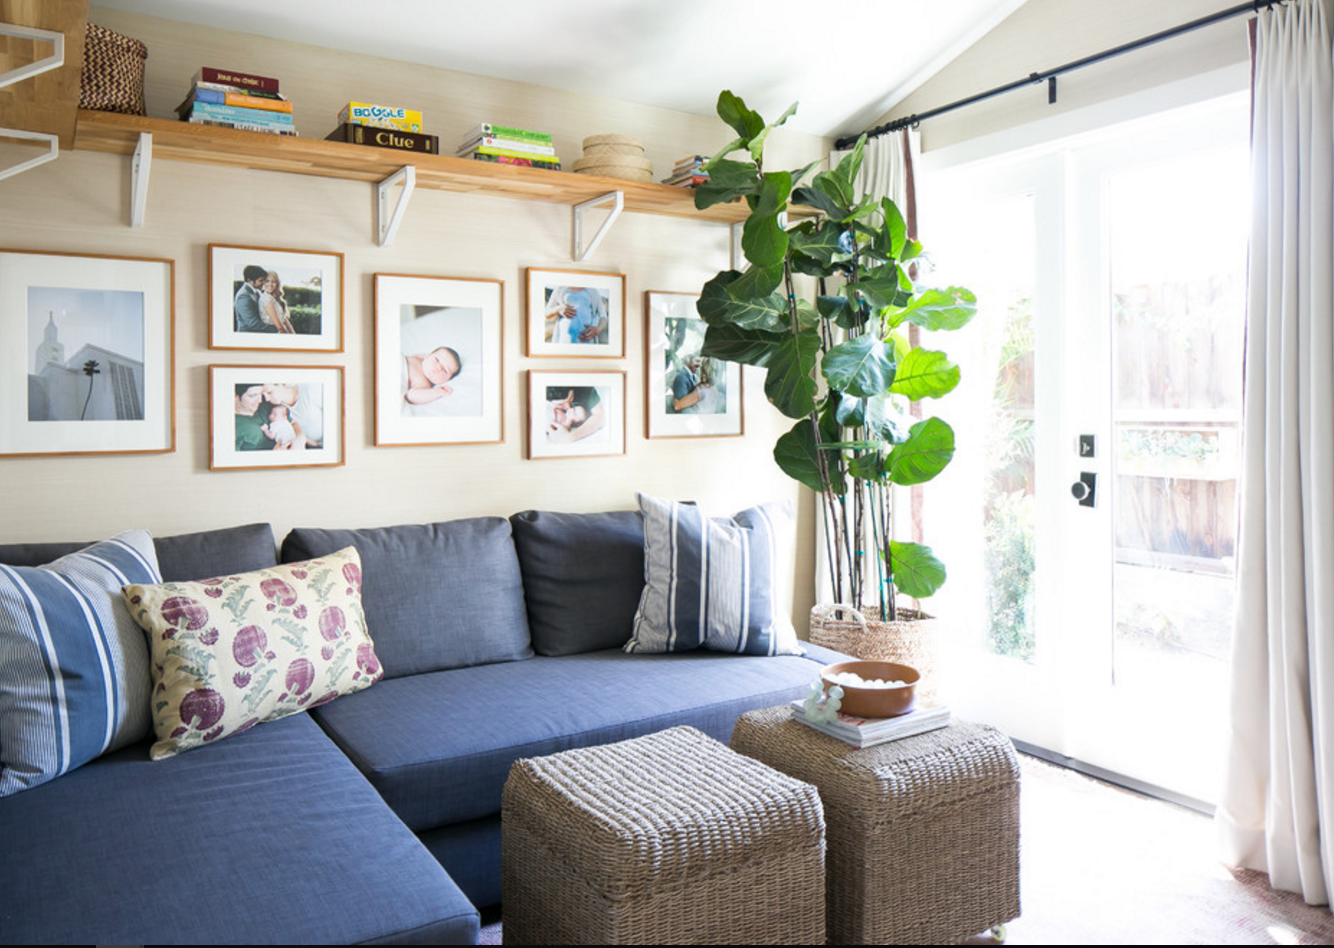 Progetto Soggiorno 20 Mq come arredare un soggiorno piccolo: consigli utili per